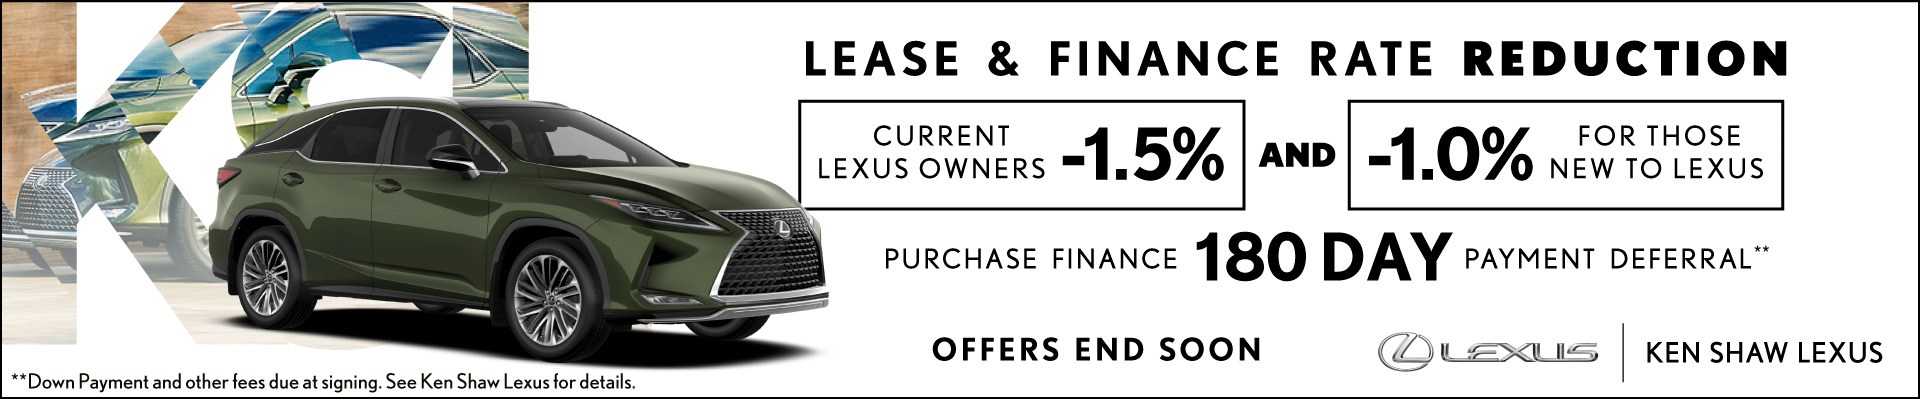 New 2020 Lexus specials promotions at Ken Shaw Lexus in Toronto, Ontario, GTA